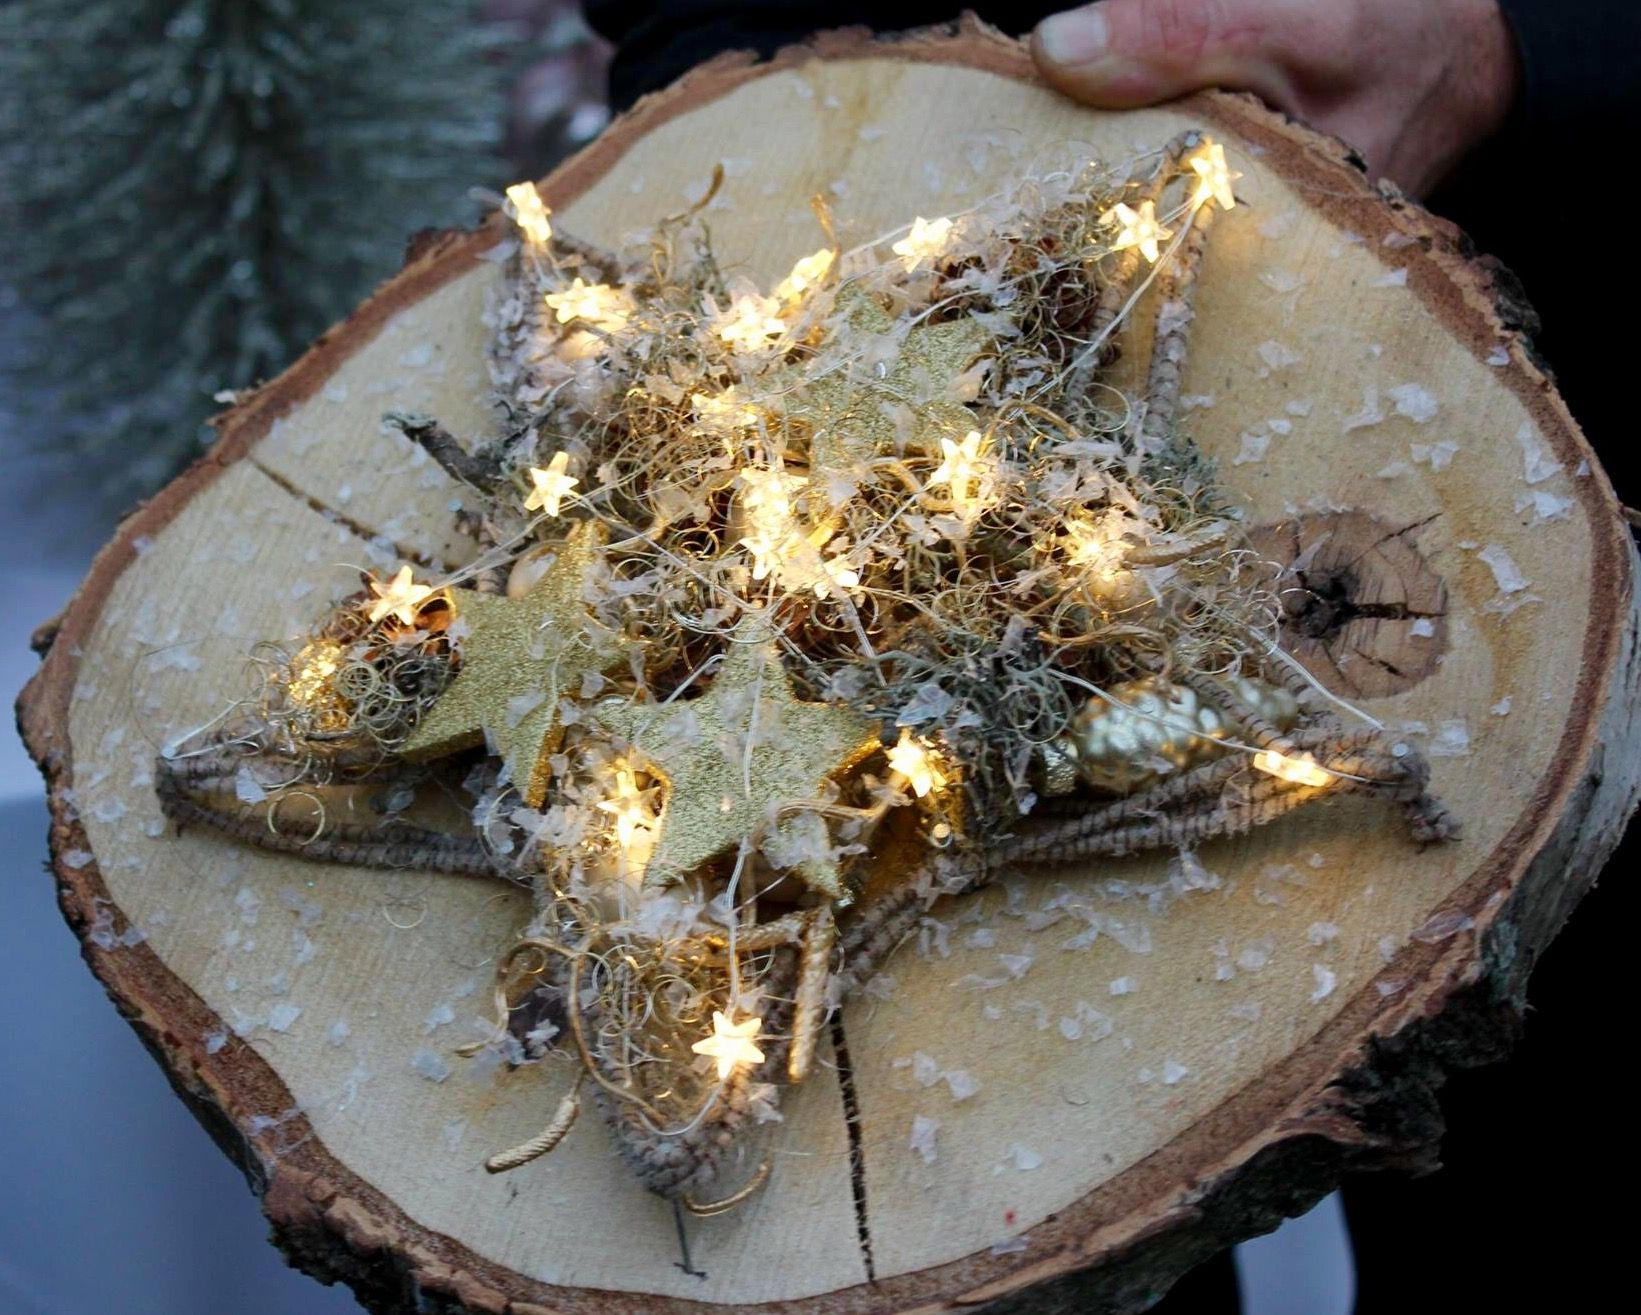 Weihnachtsausstellung #adventskranzaufbaumscheibe